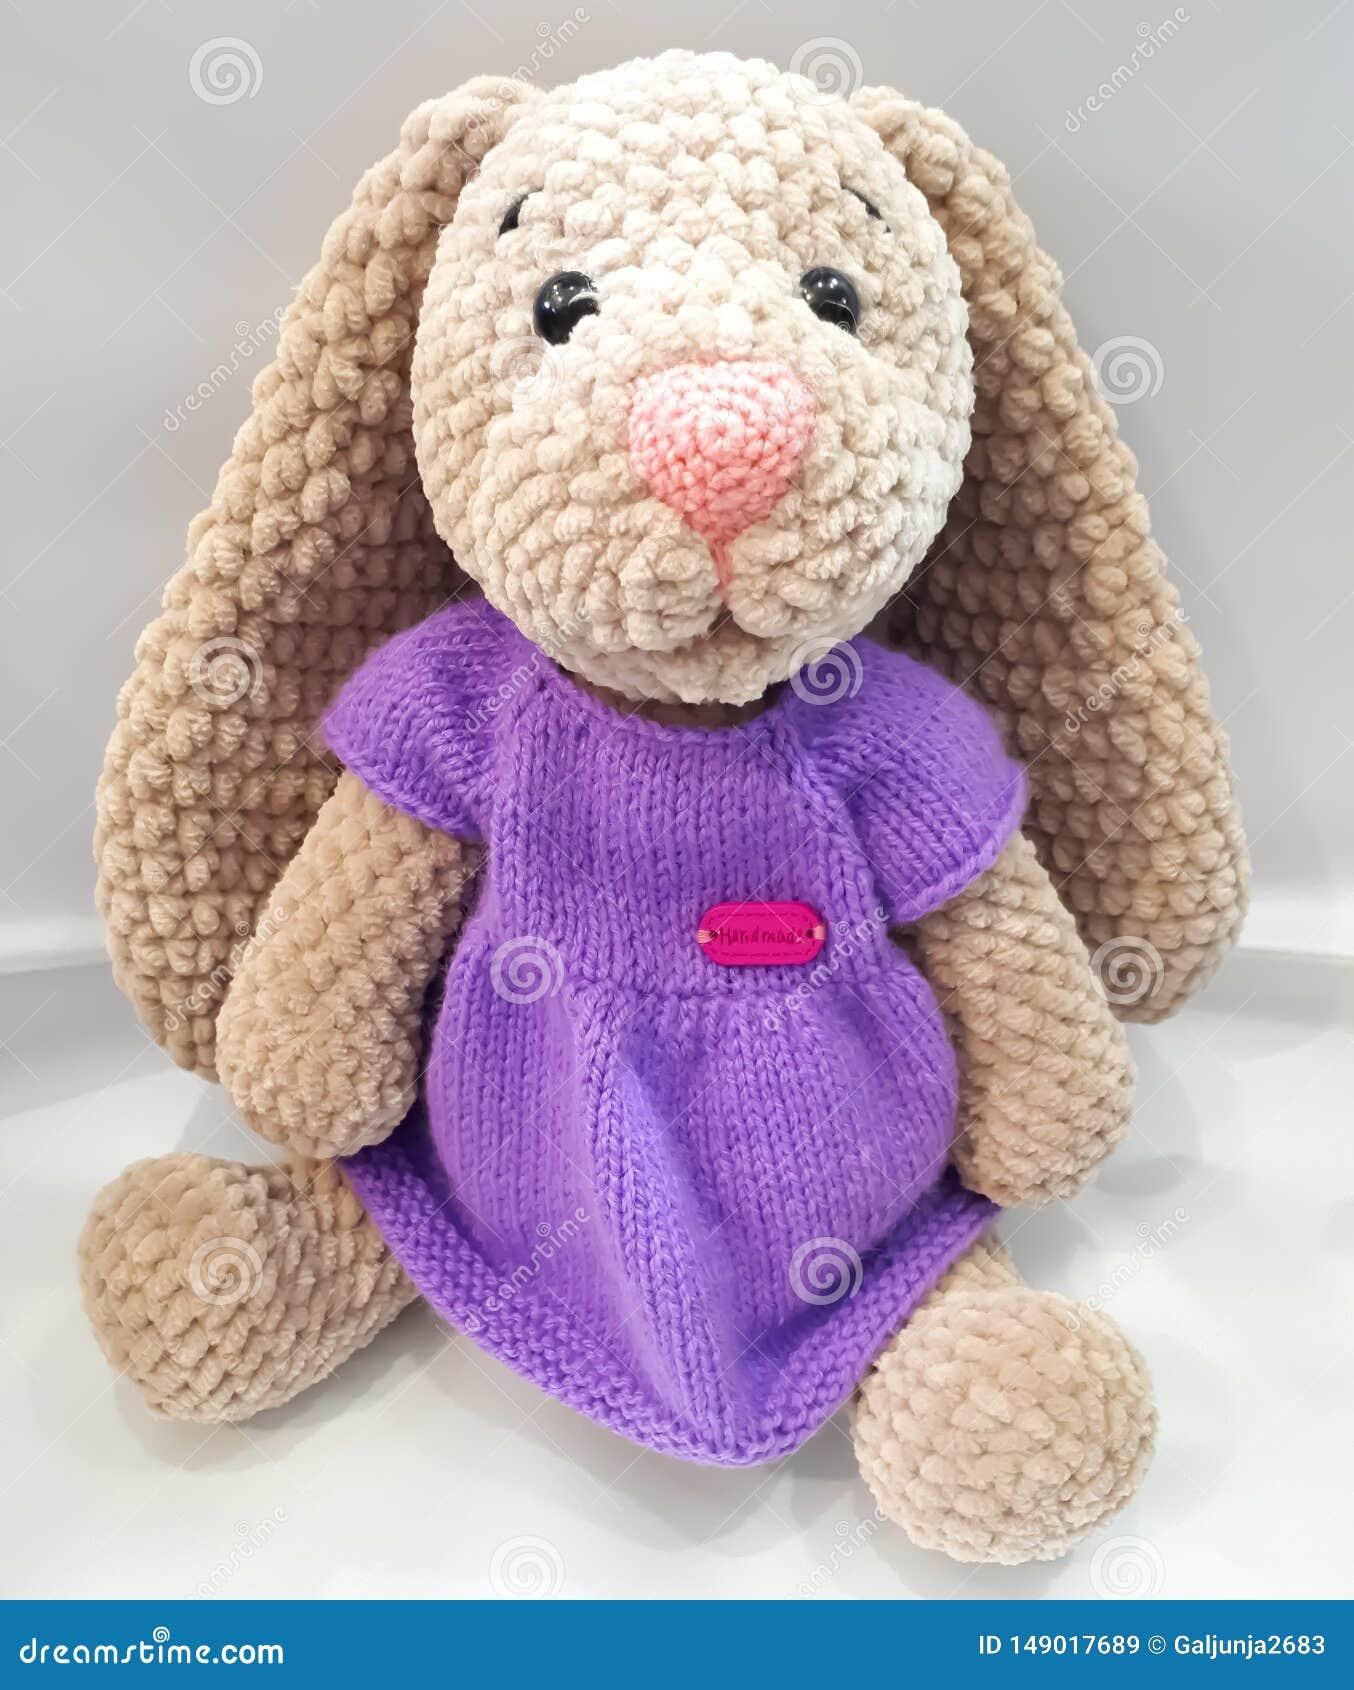 Lepre con le orecchie lunghe, lepre in un vestito, lilla, marrone, tricottato, manuale